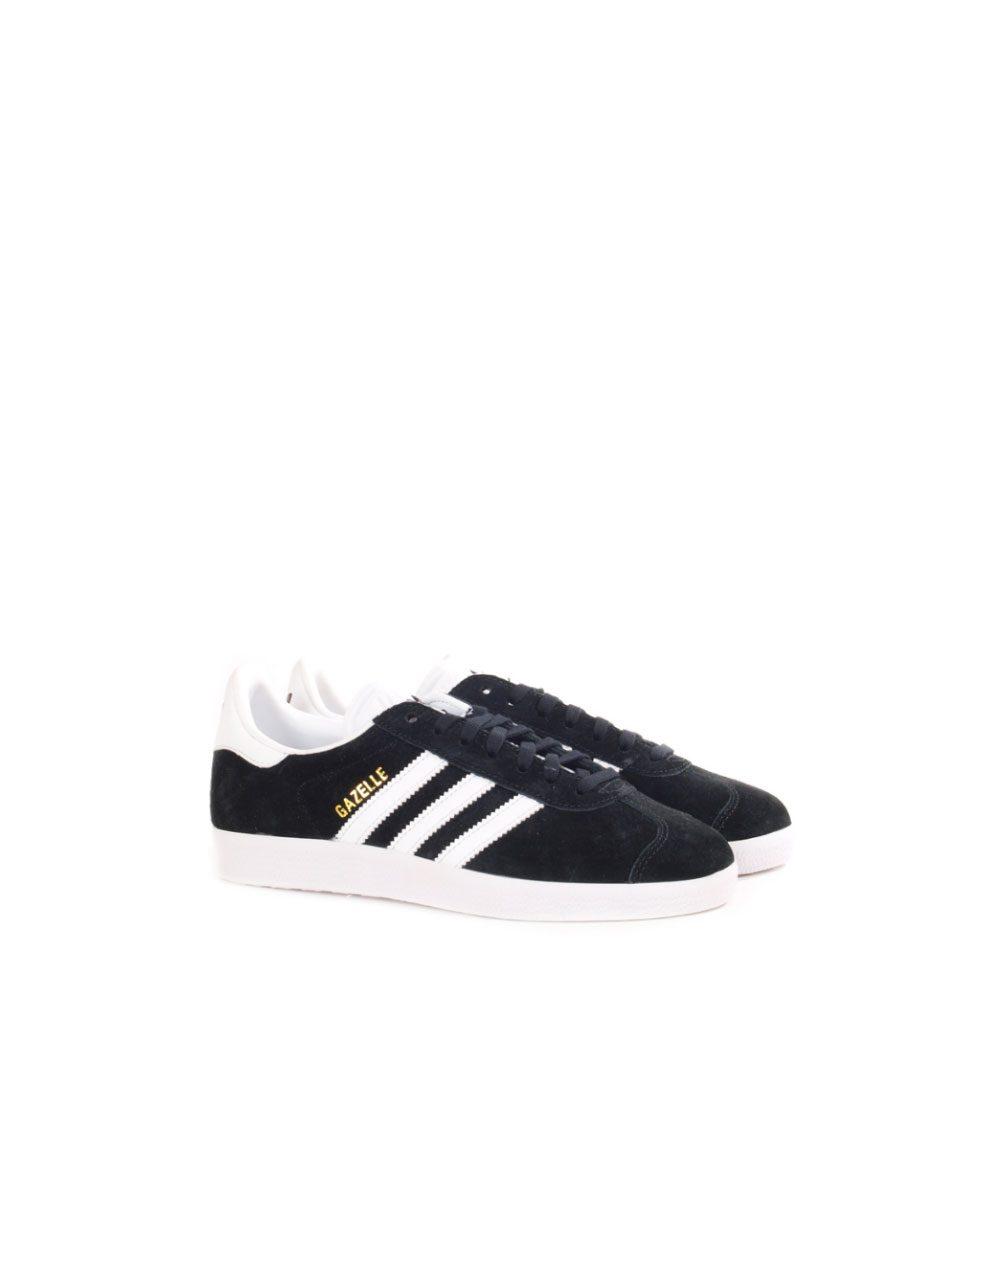 Adidas Gazelle Black (BB5476)